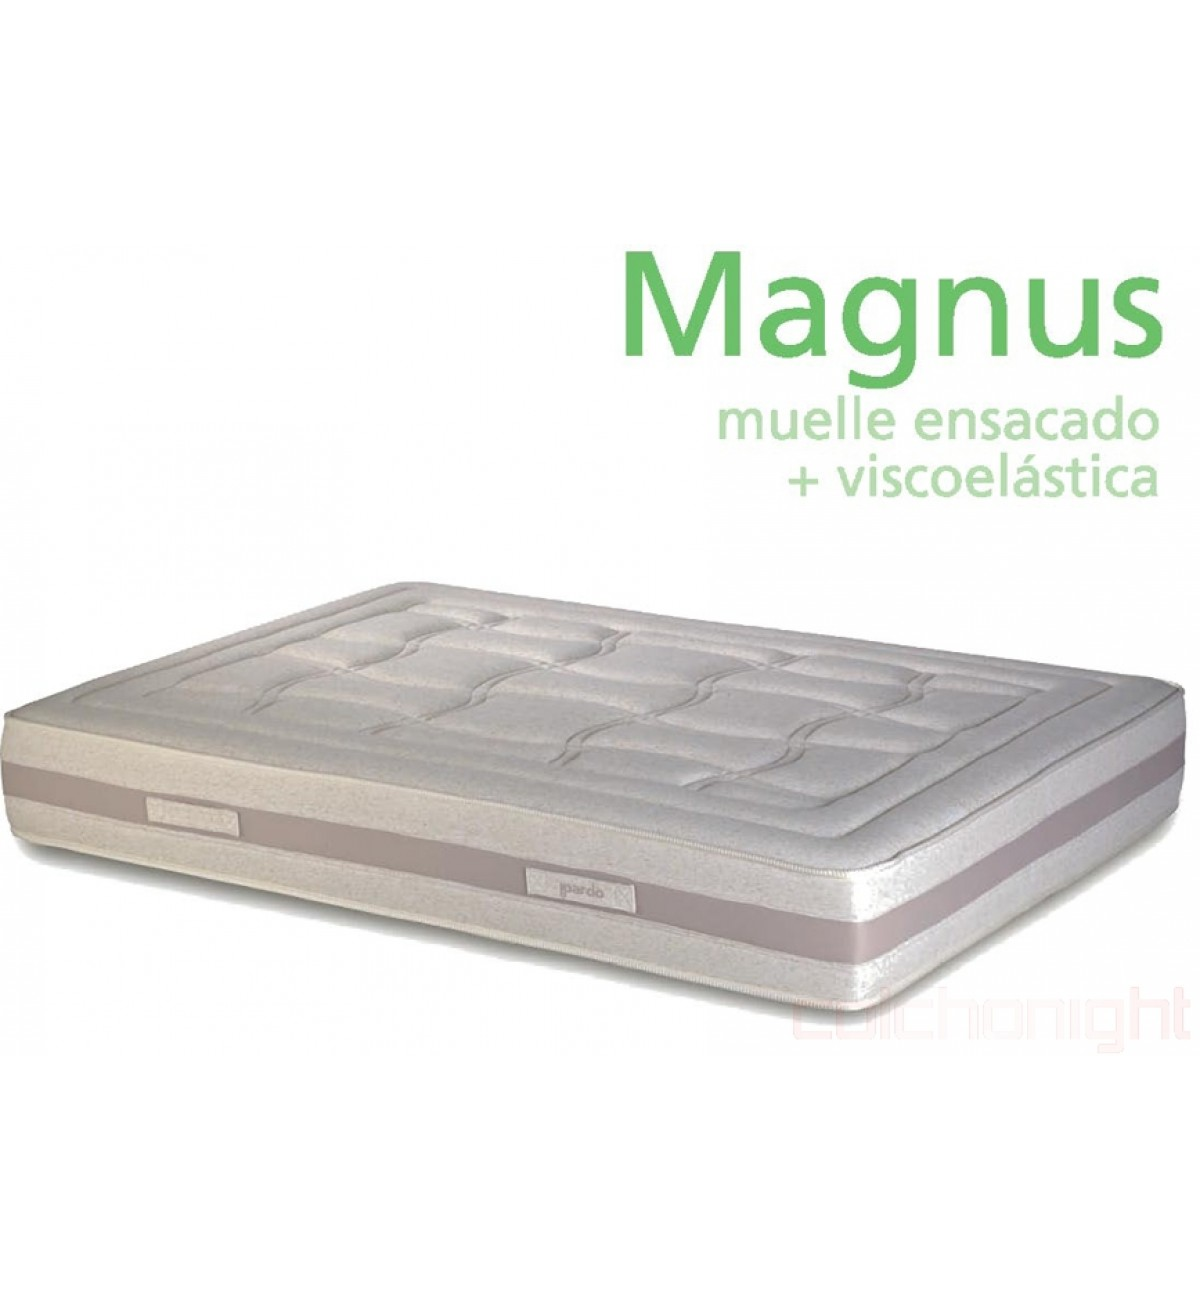 Colchón de muelles ensacados y viscoelástica Magnus de Pardo